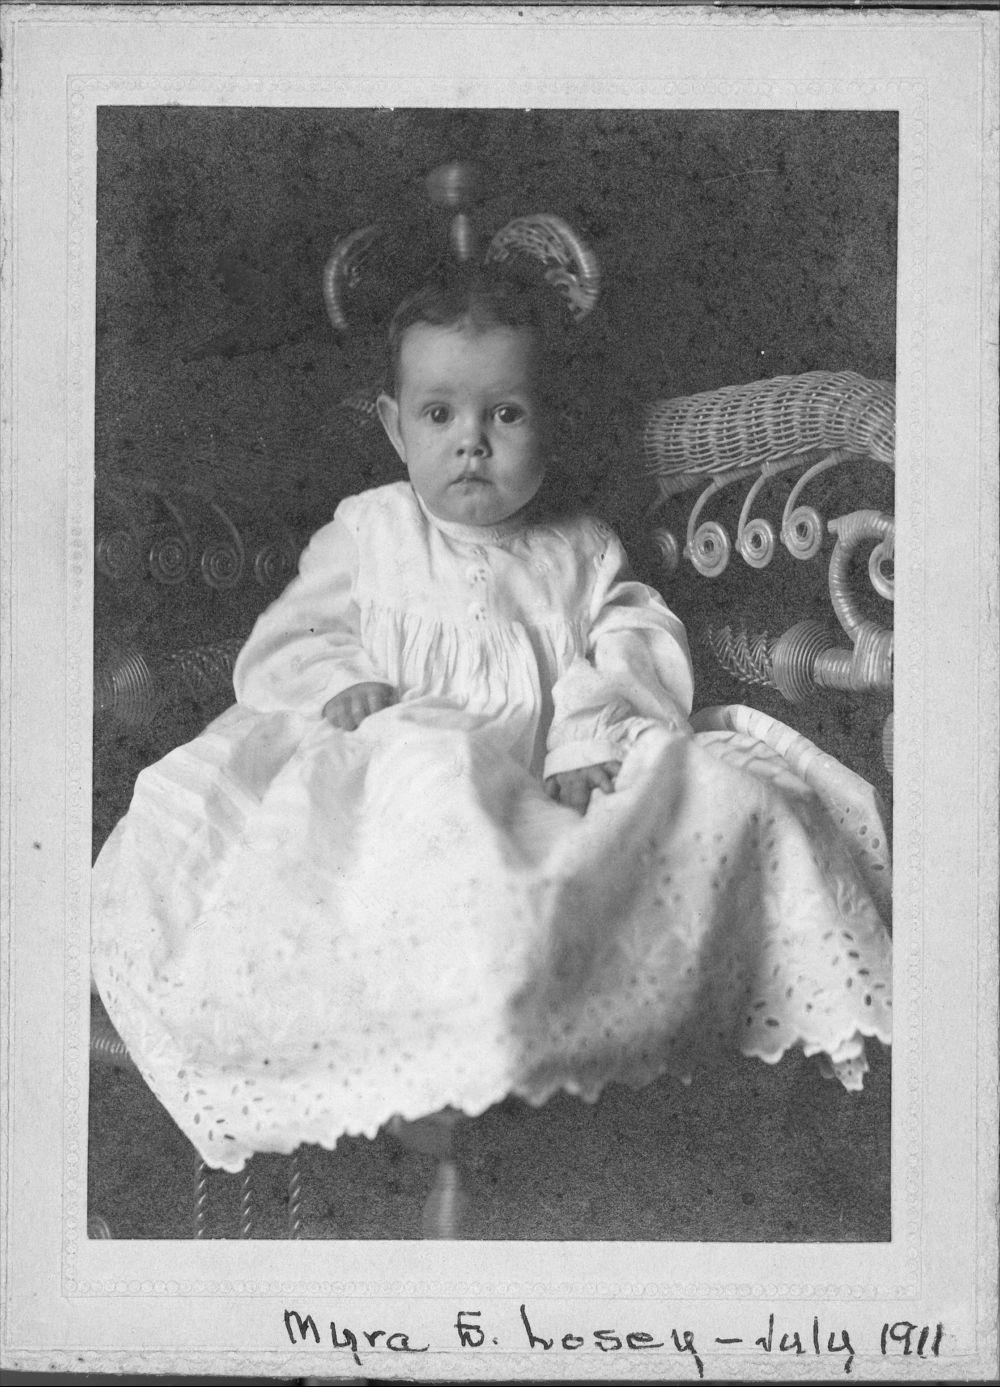 Myra E. Losey